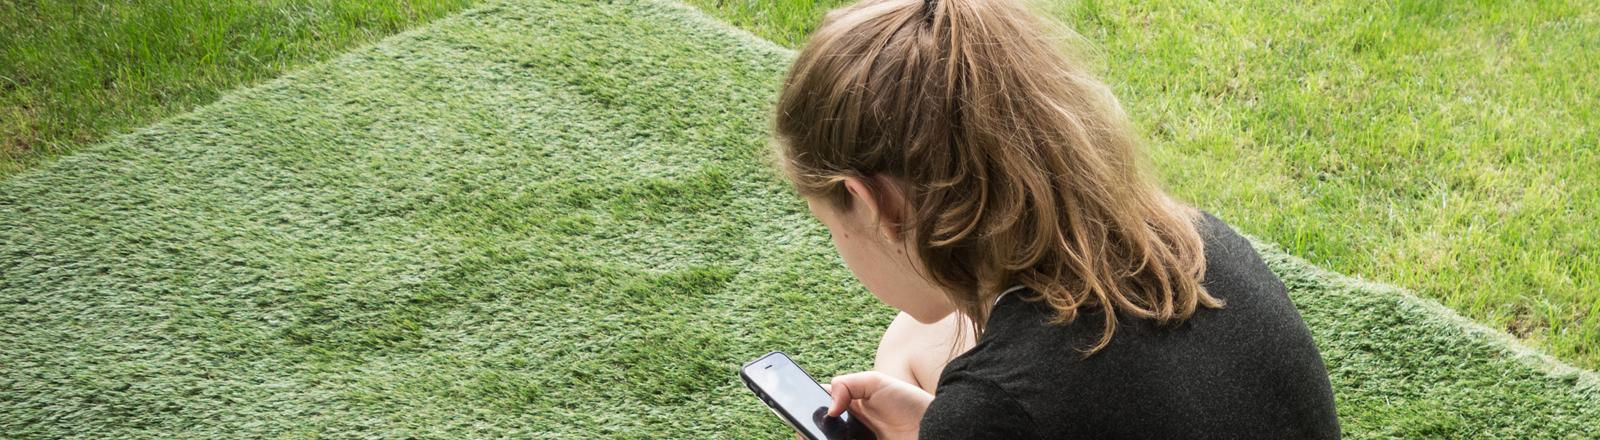 Frau mit Smartphone auf Rasen sitzend